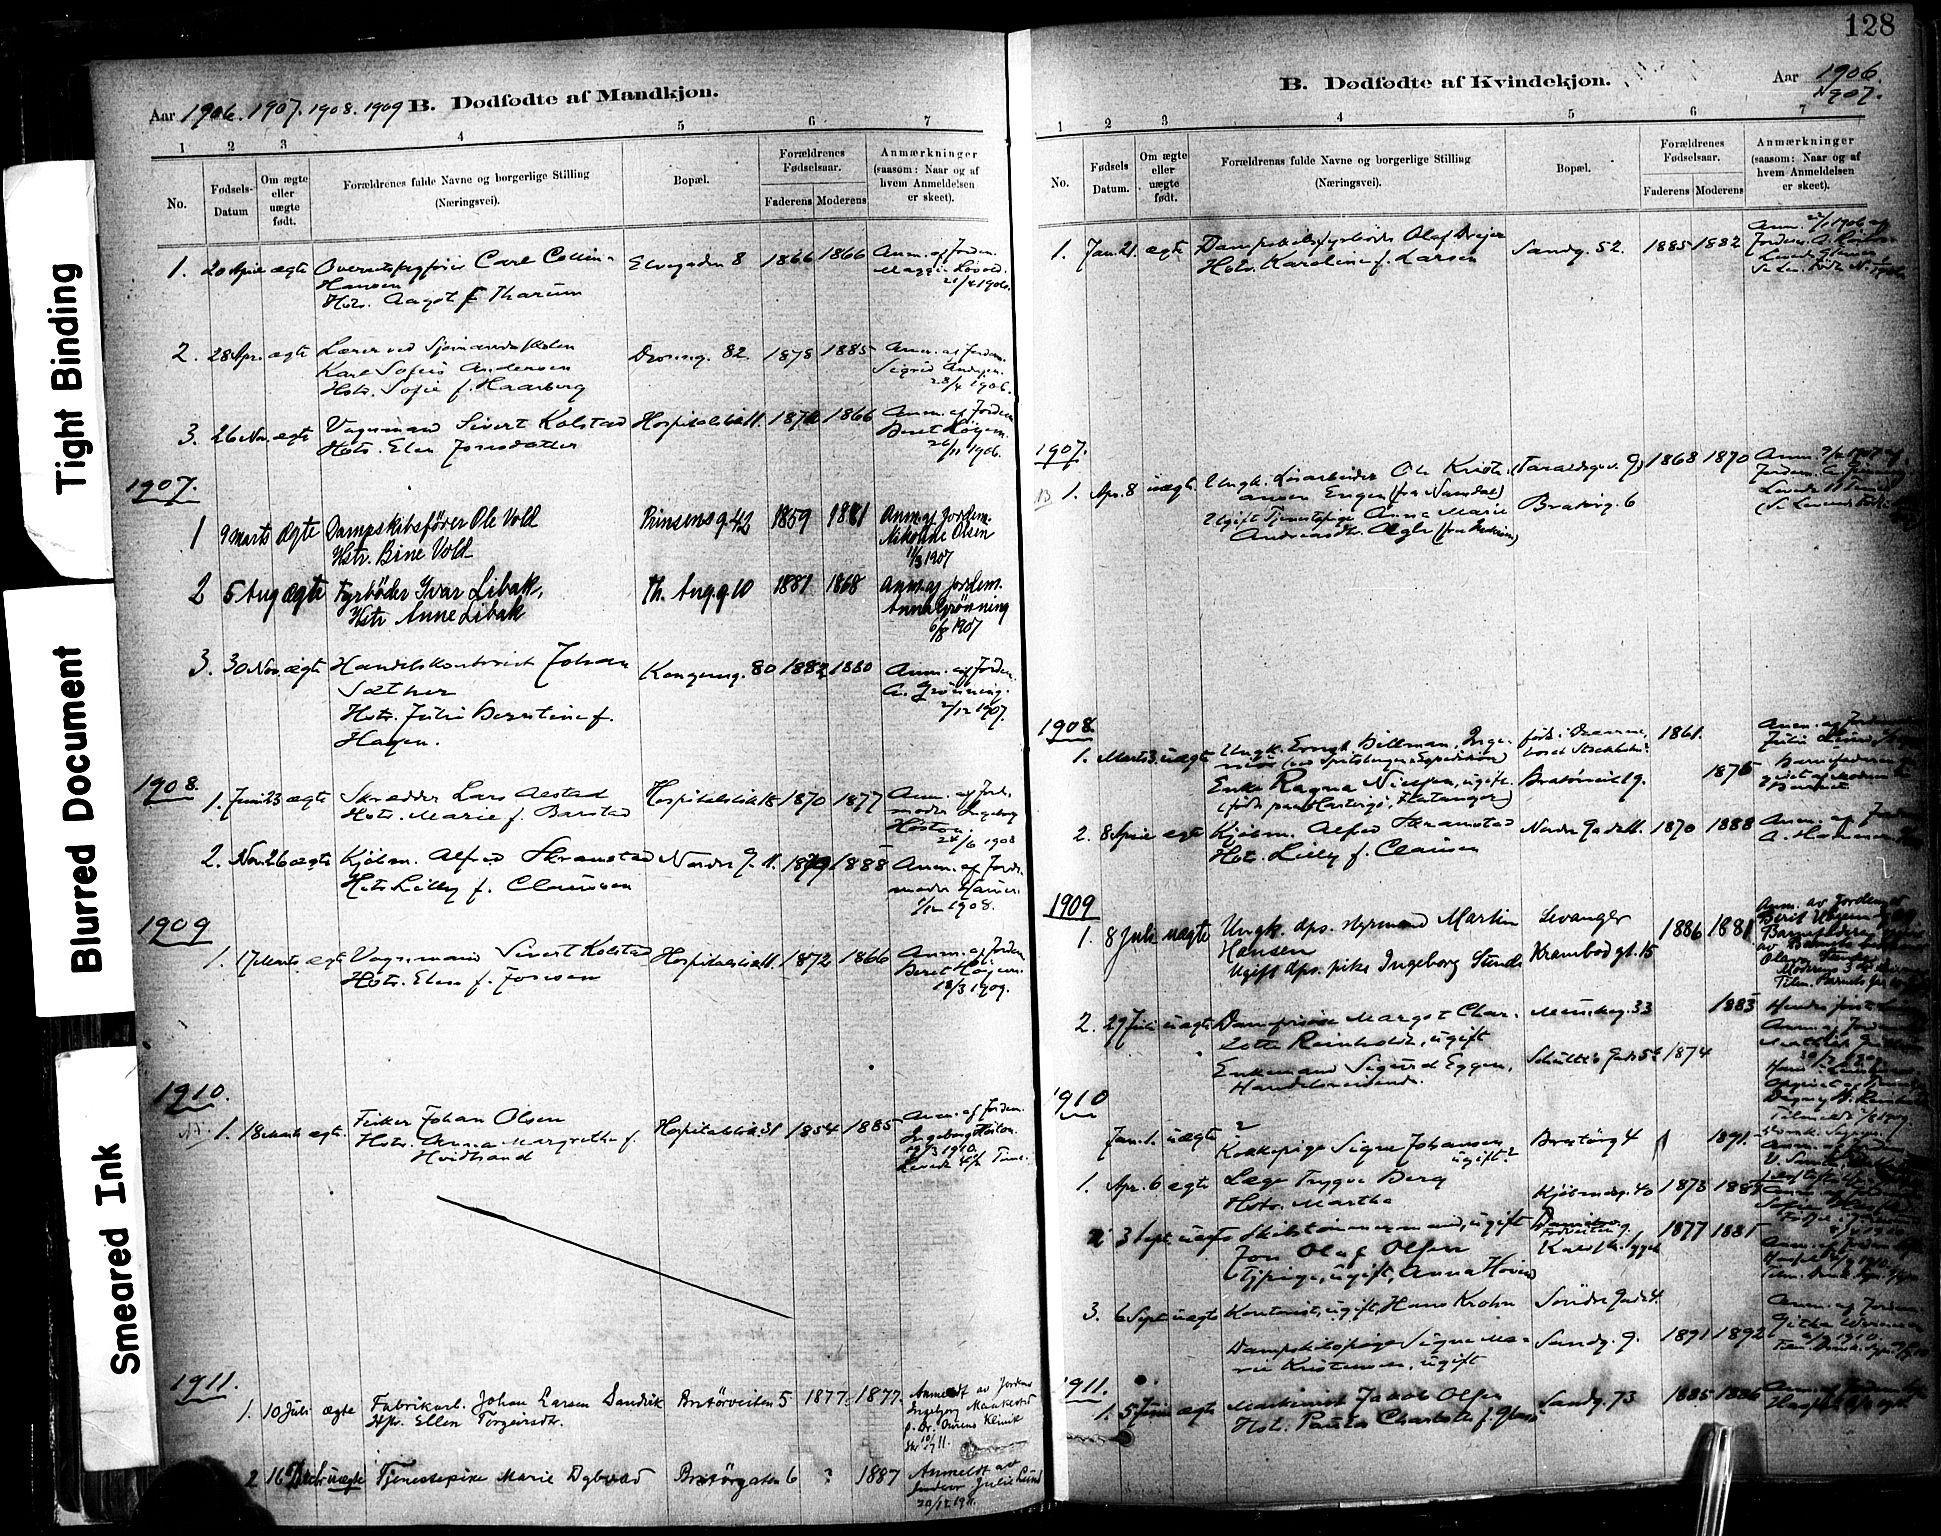 SAT, Ministerialprotokoller, klokkerbøker og fødselsregistre - Sør-Trøndelag, 602/L0119: Ministerialbok nr. 602A17, 1880-1901, s. 128